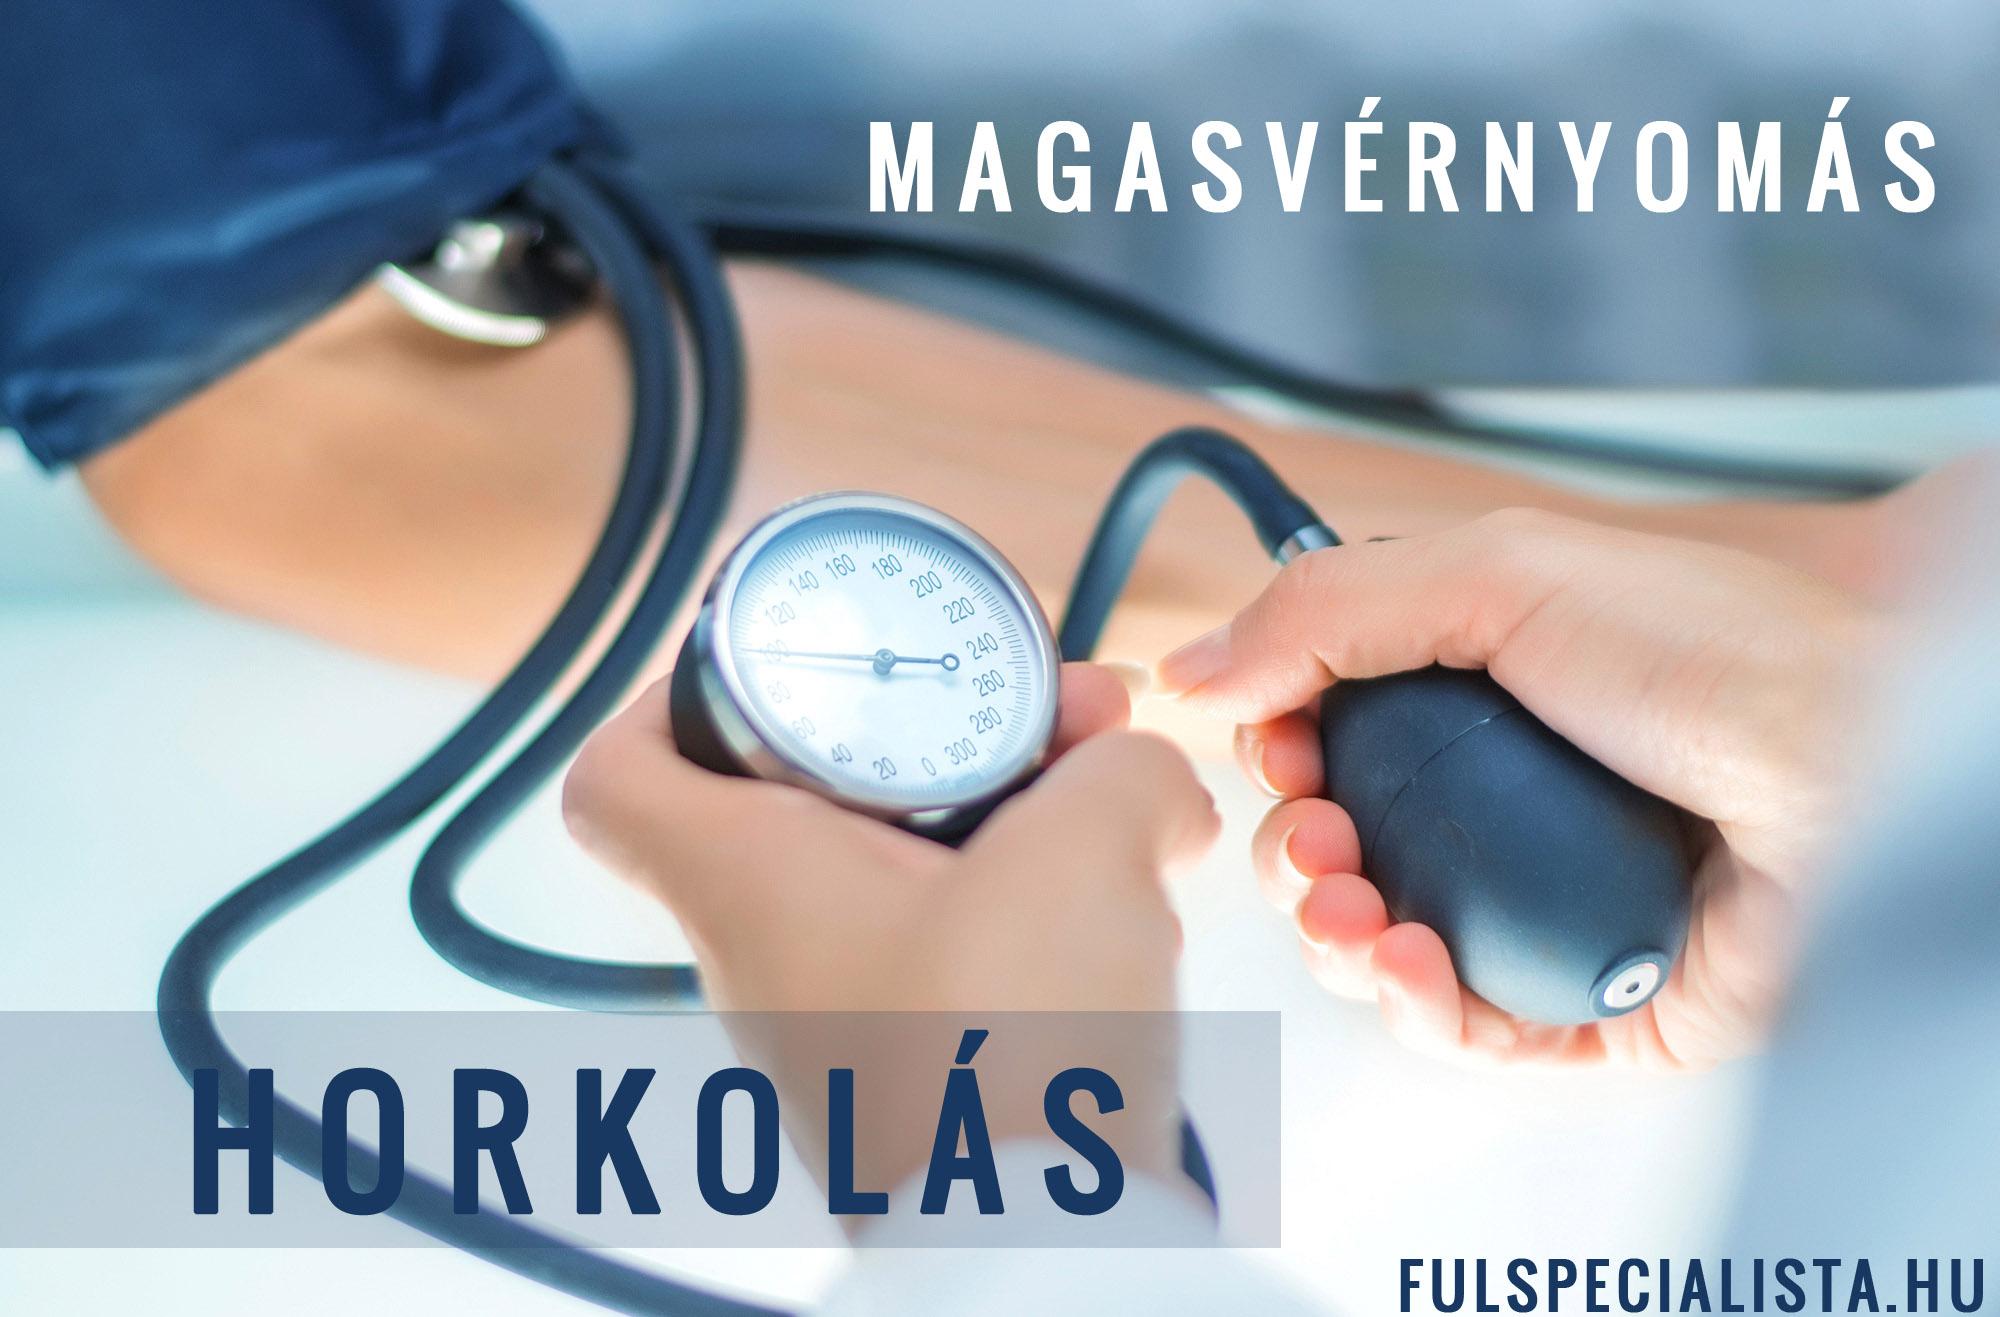 magas vérnyomás szinonimája amire szüksége van a magas vérnyomásból